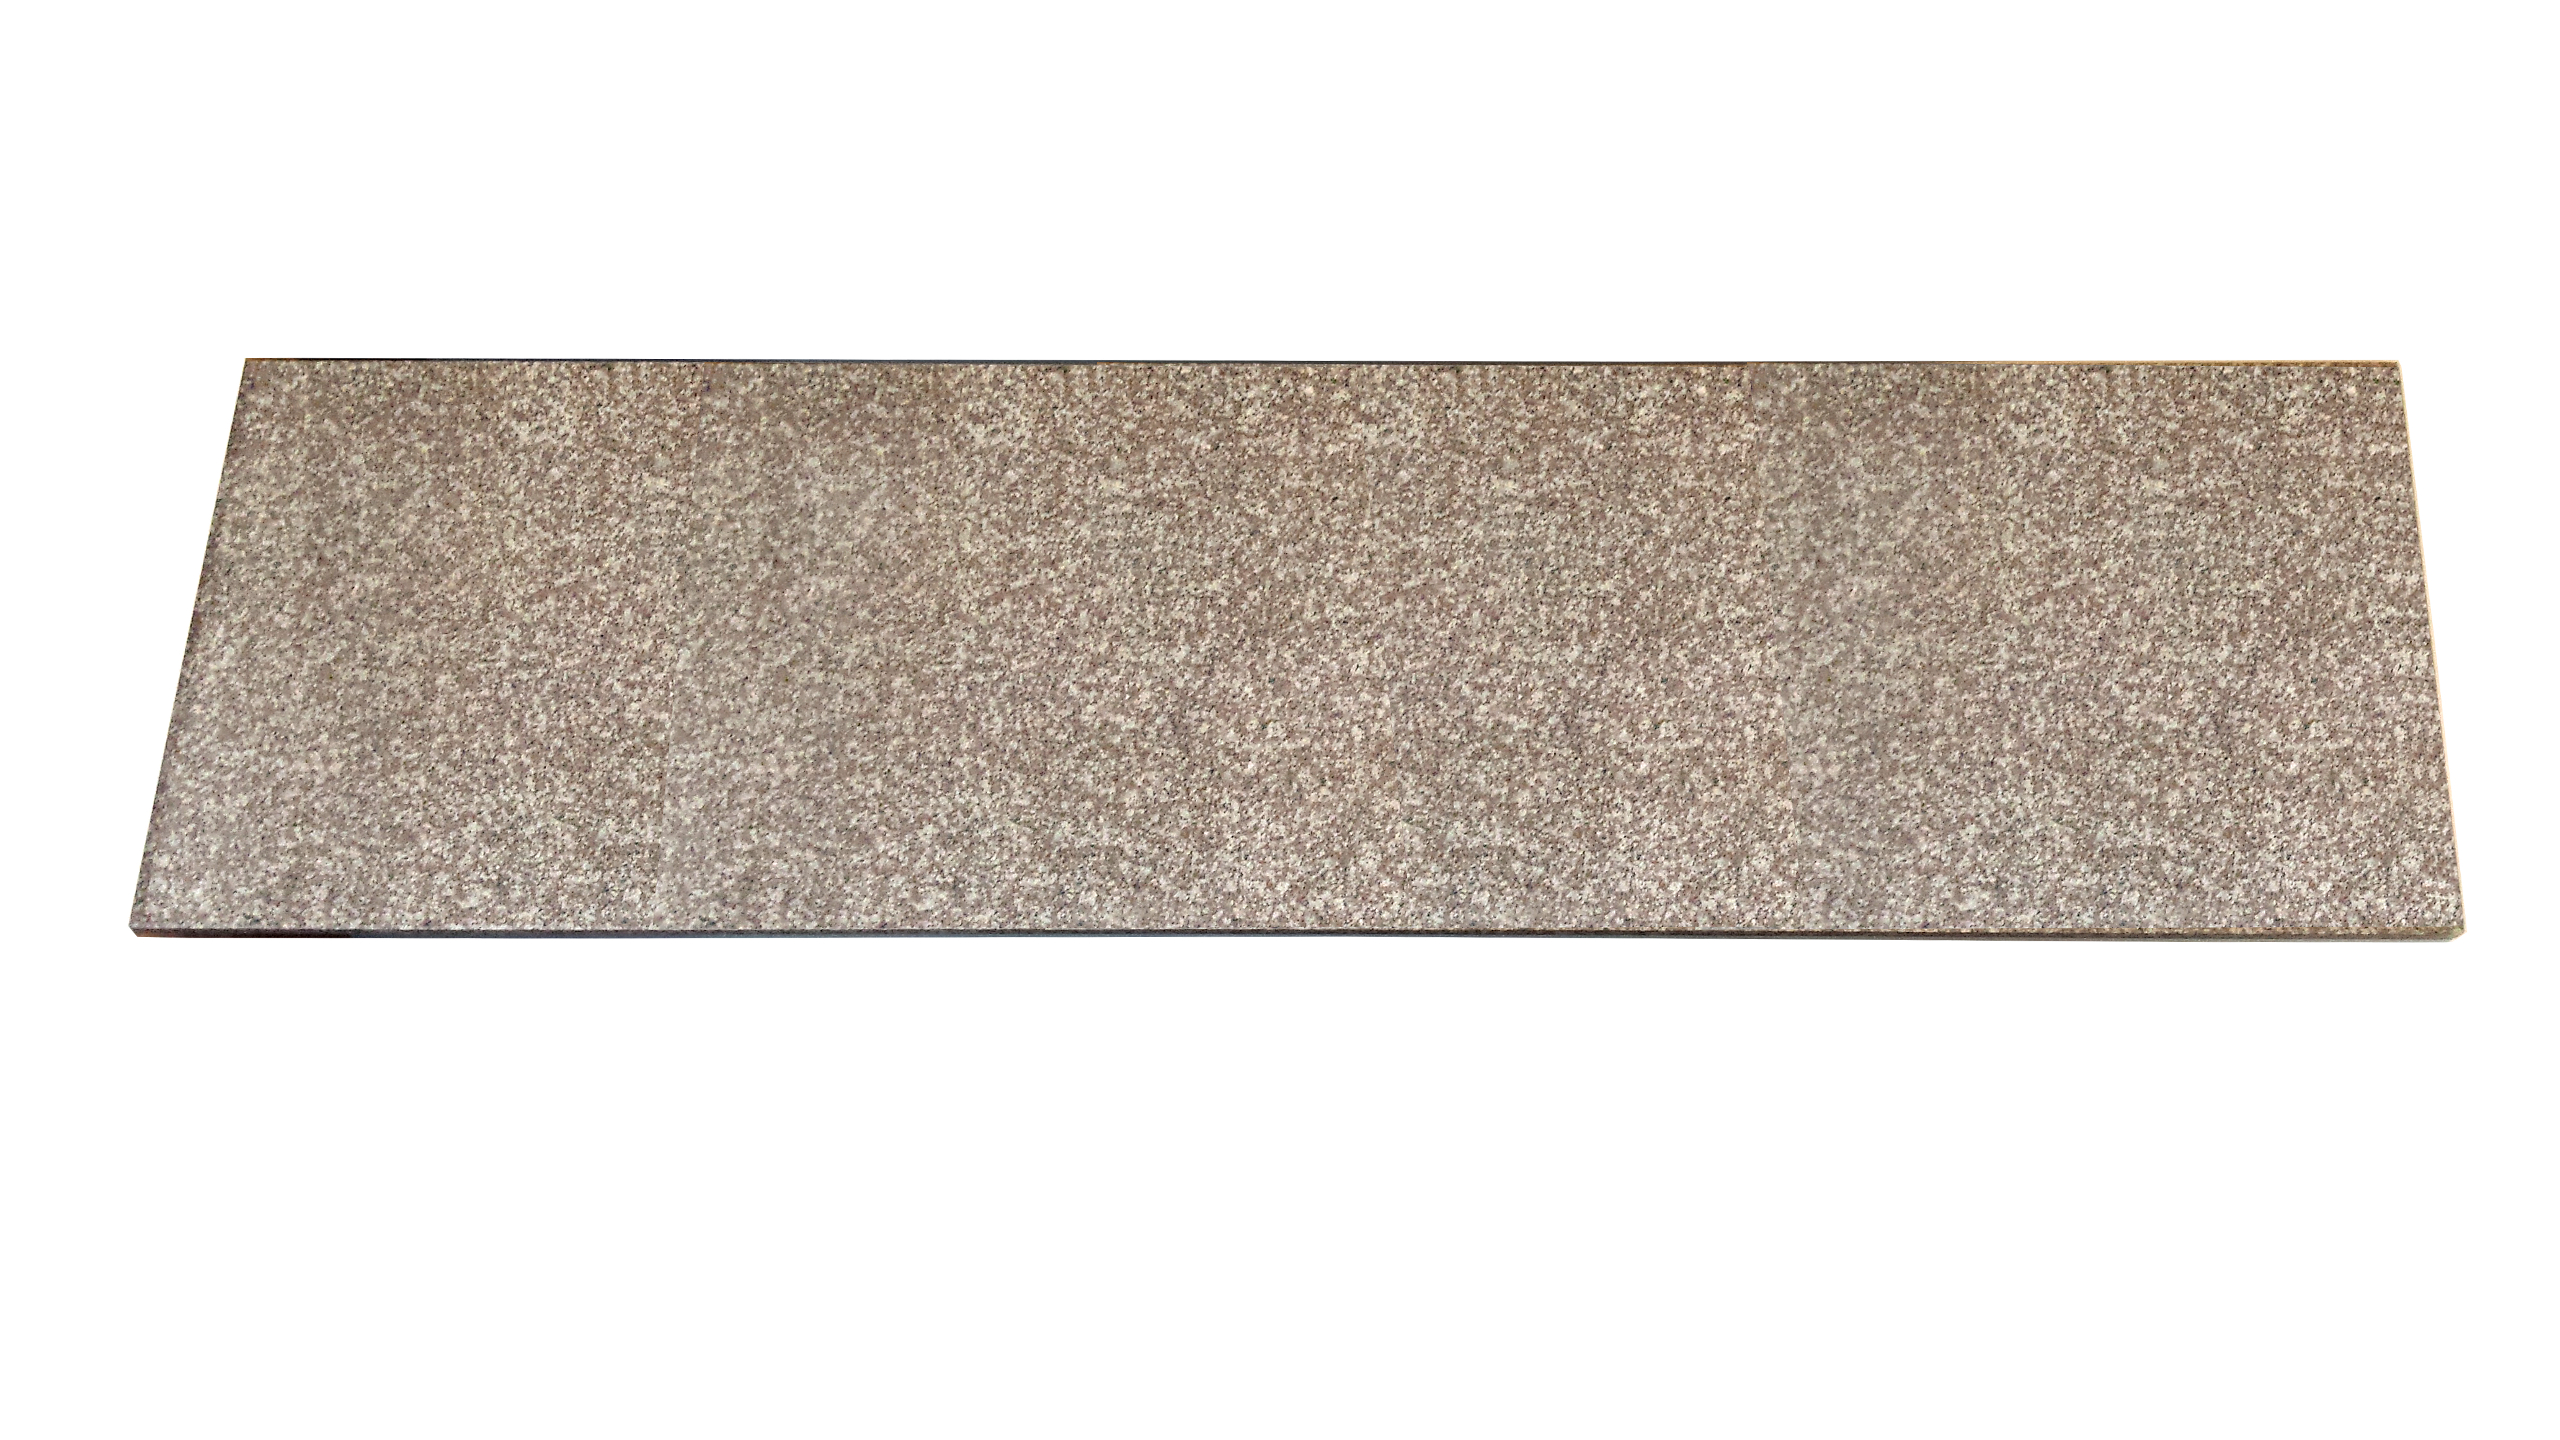 Blat granitowy Misty Brown G664 220cm x 60cm x 3cm polerowany